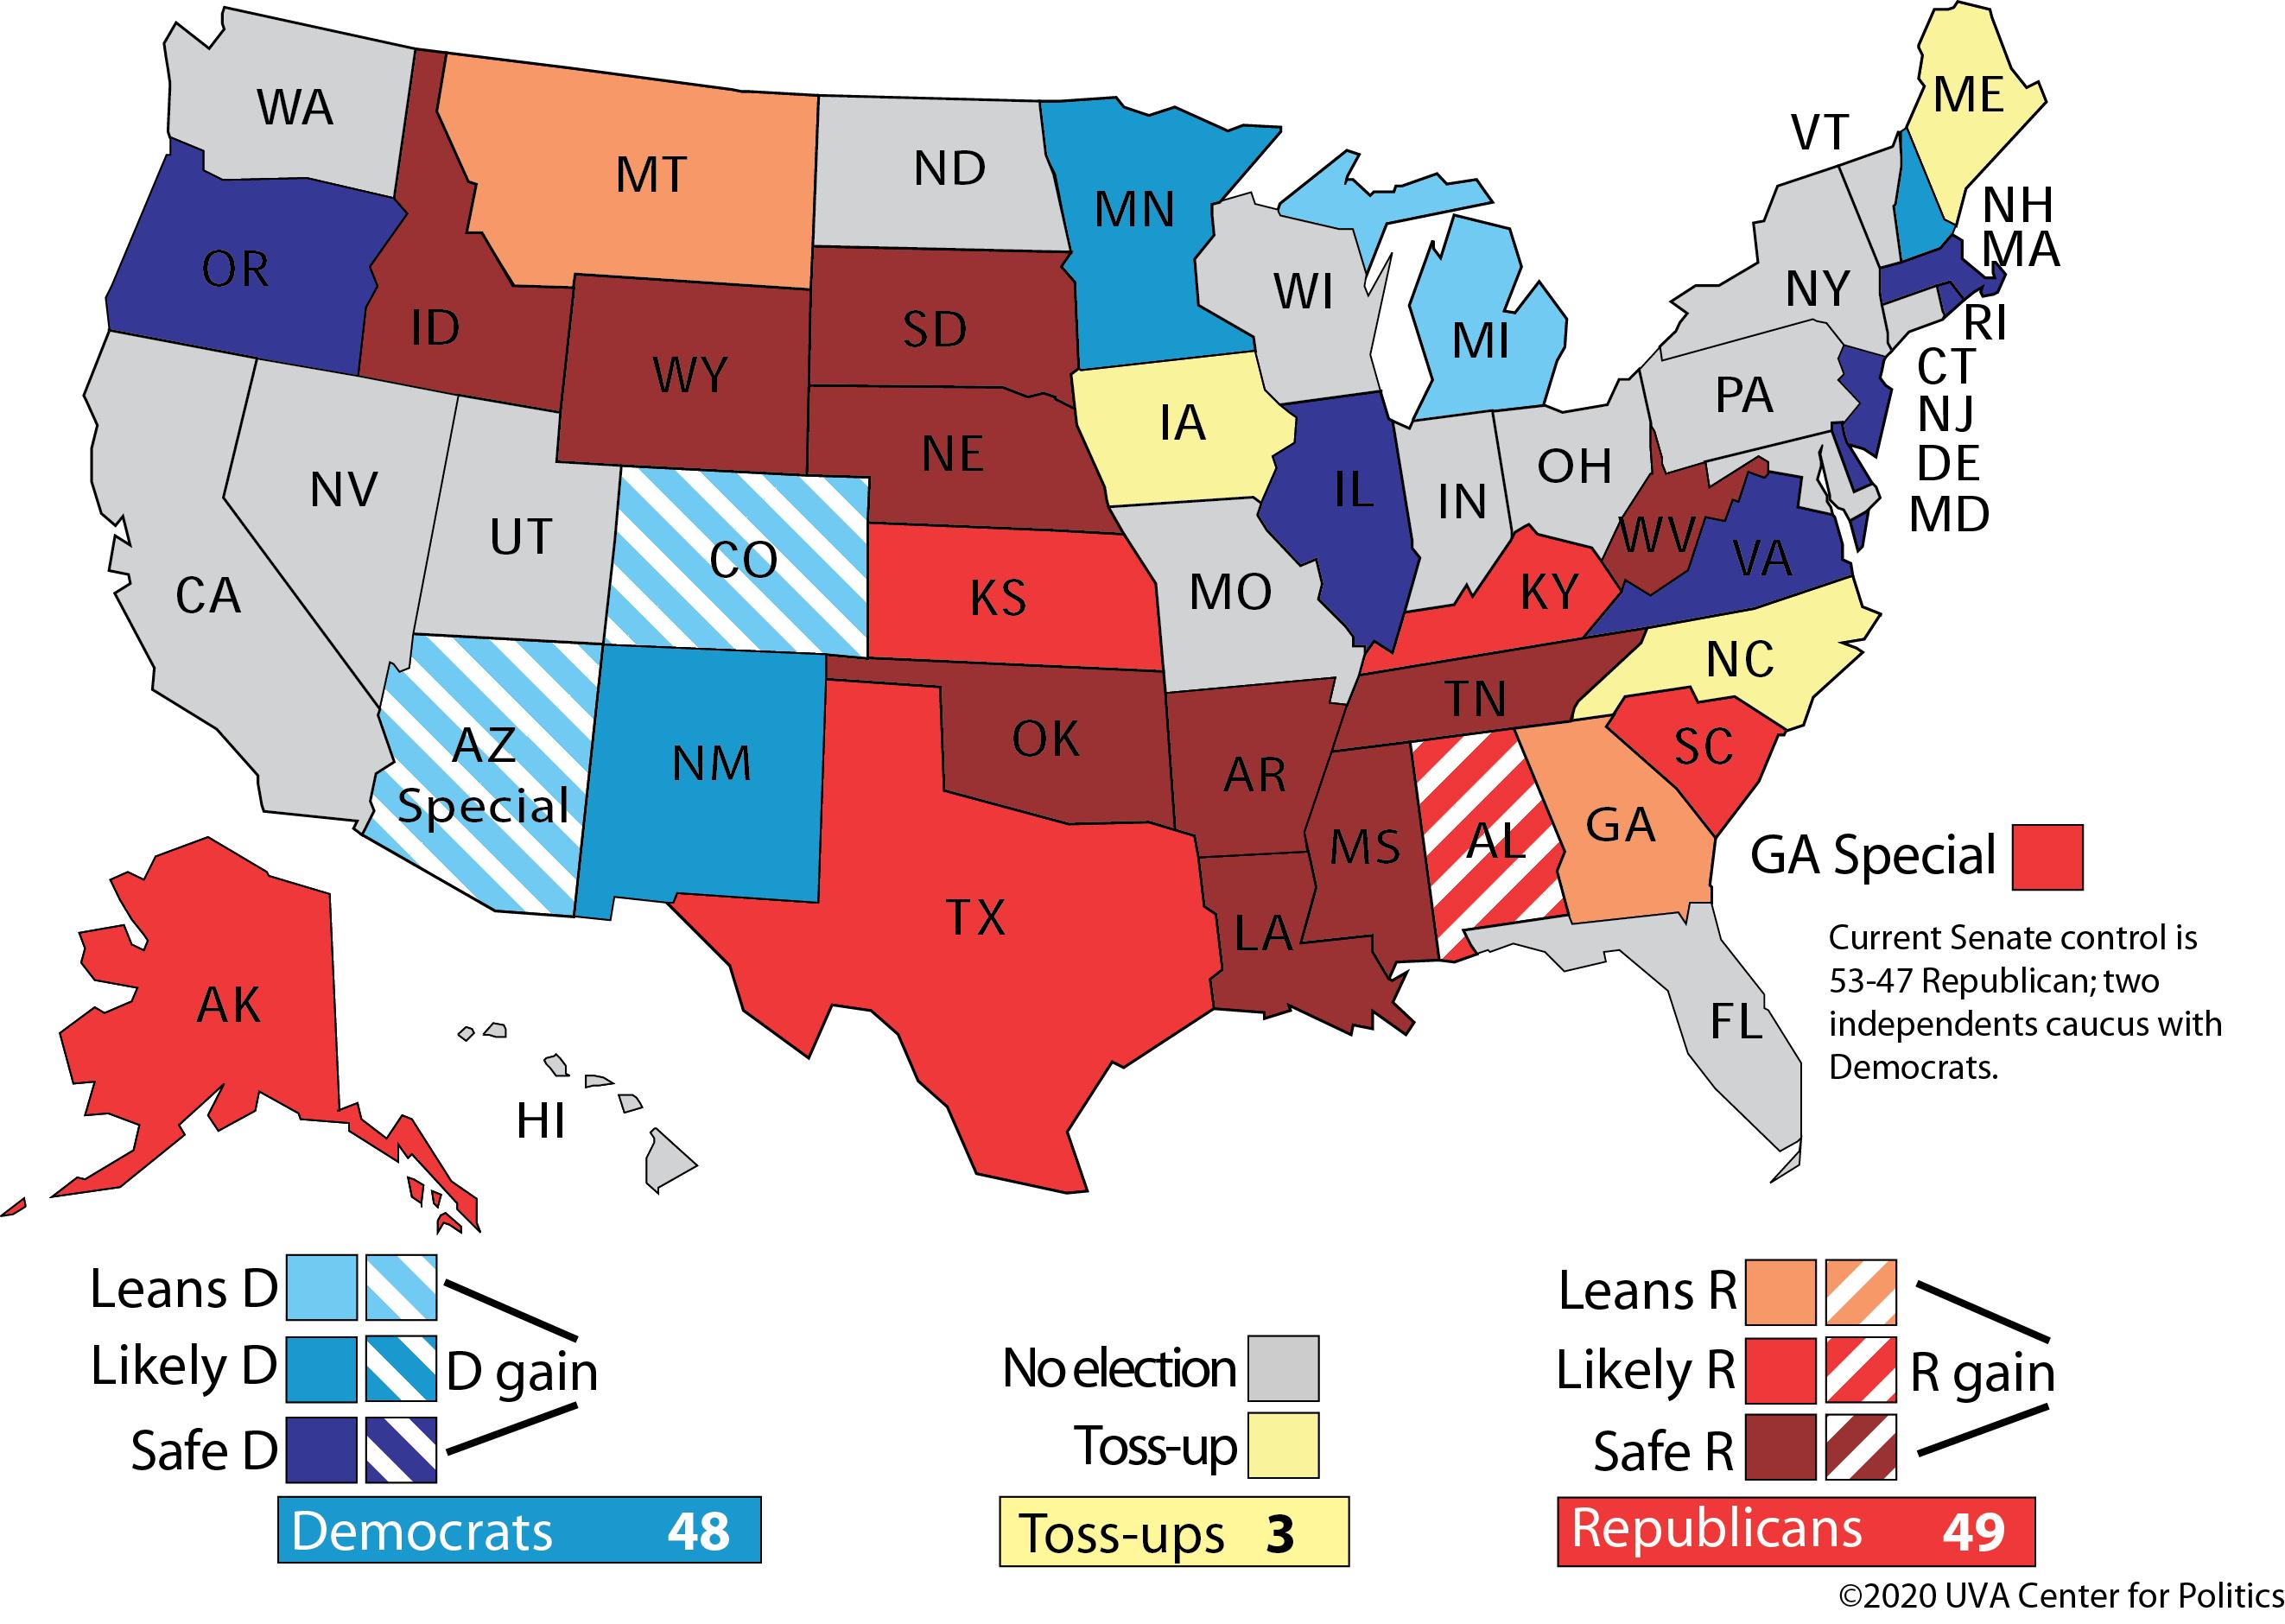 2020_08_05_Senate_Ratings